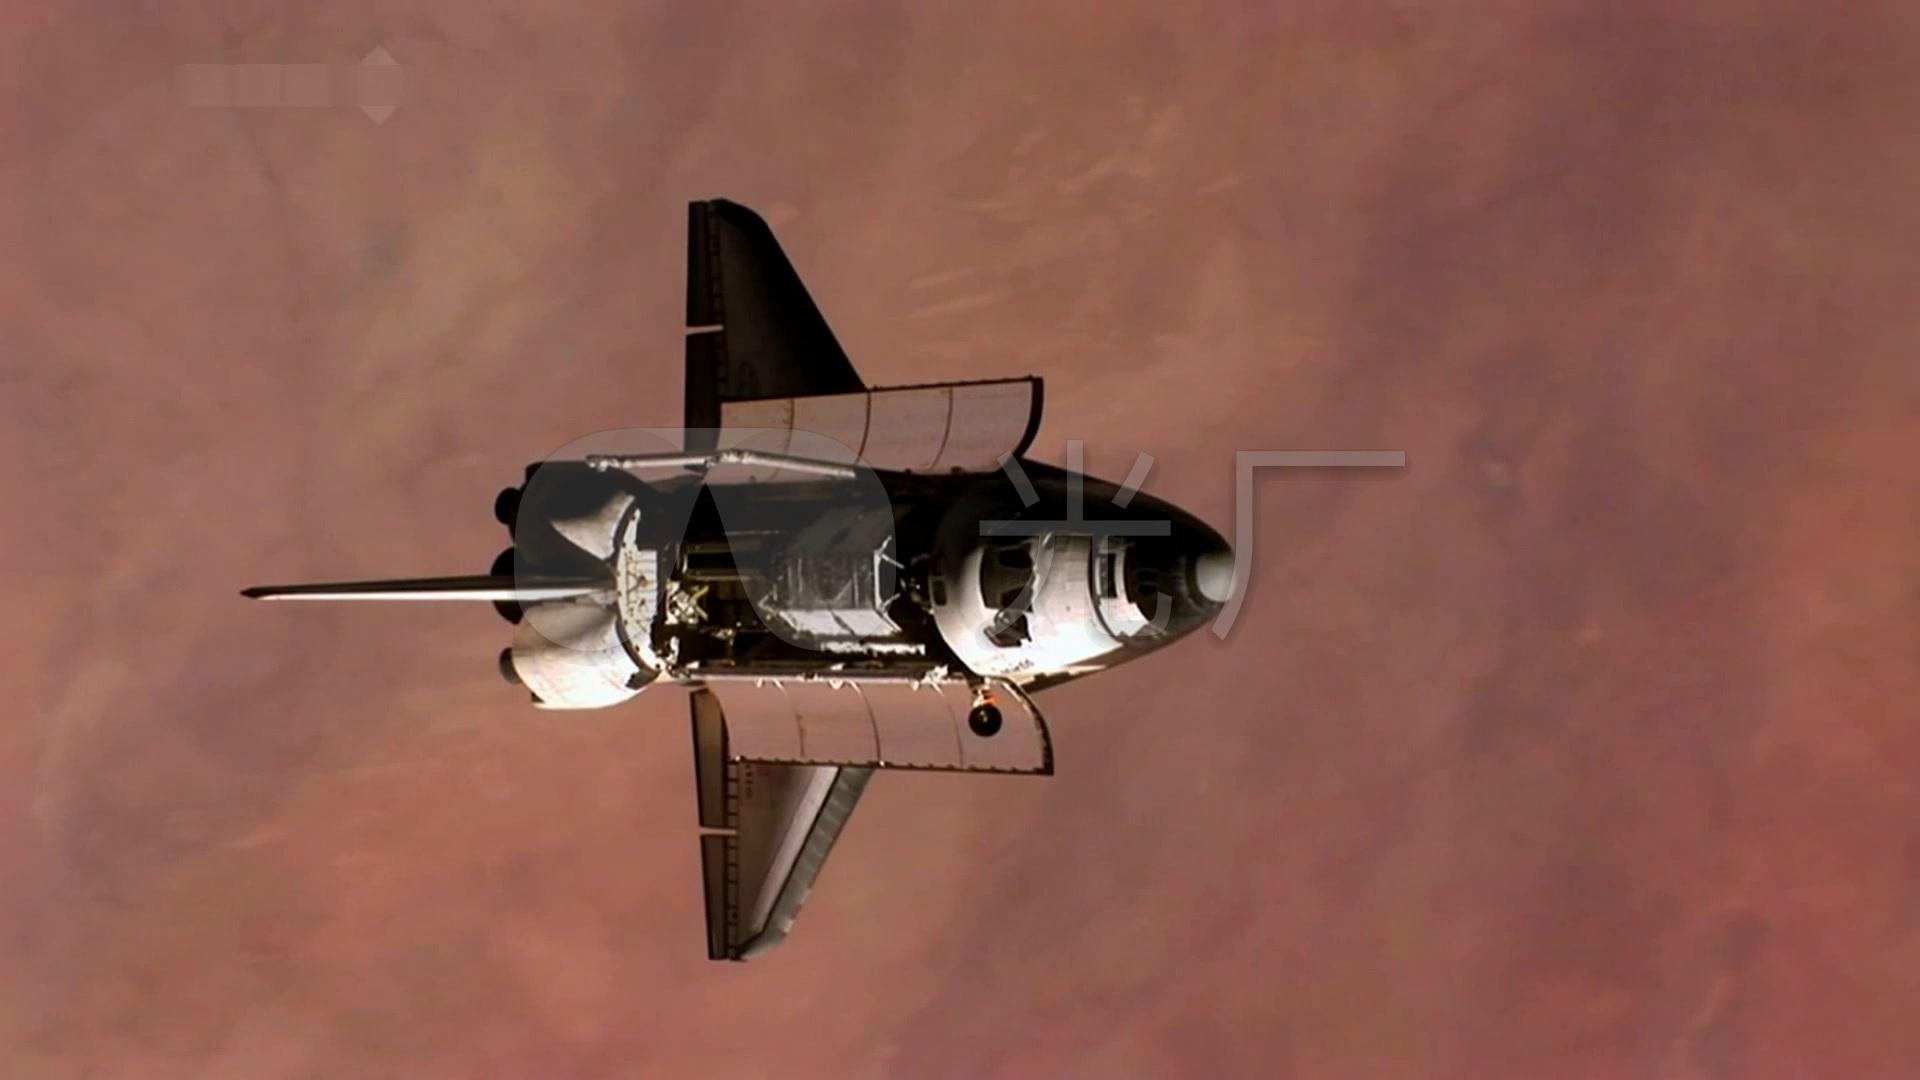 宇航员空间站航天飞机_1920x1080_高清视频素材下载